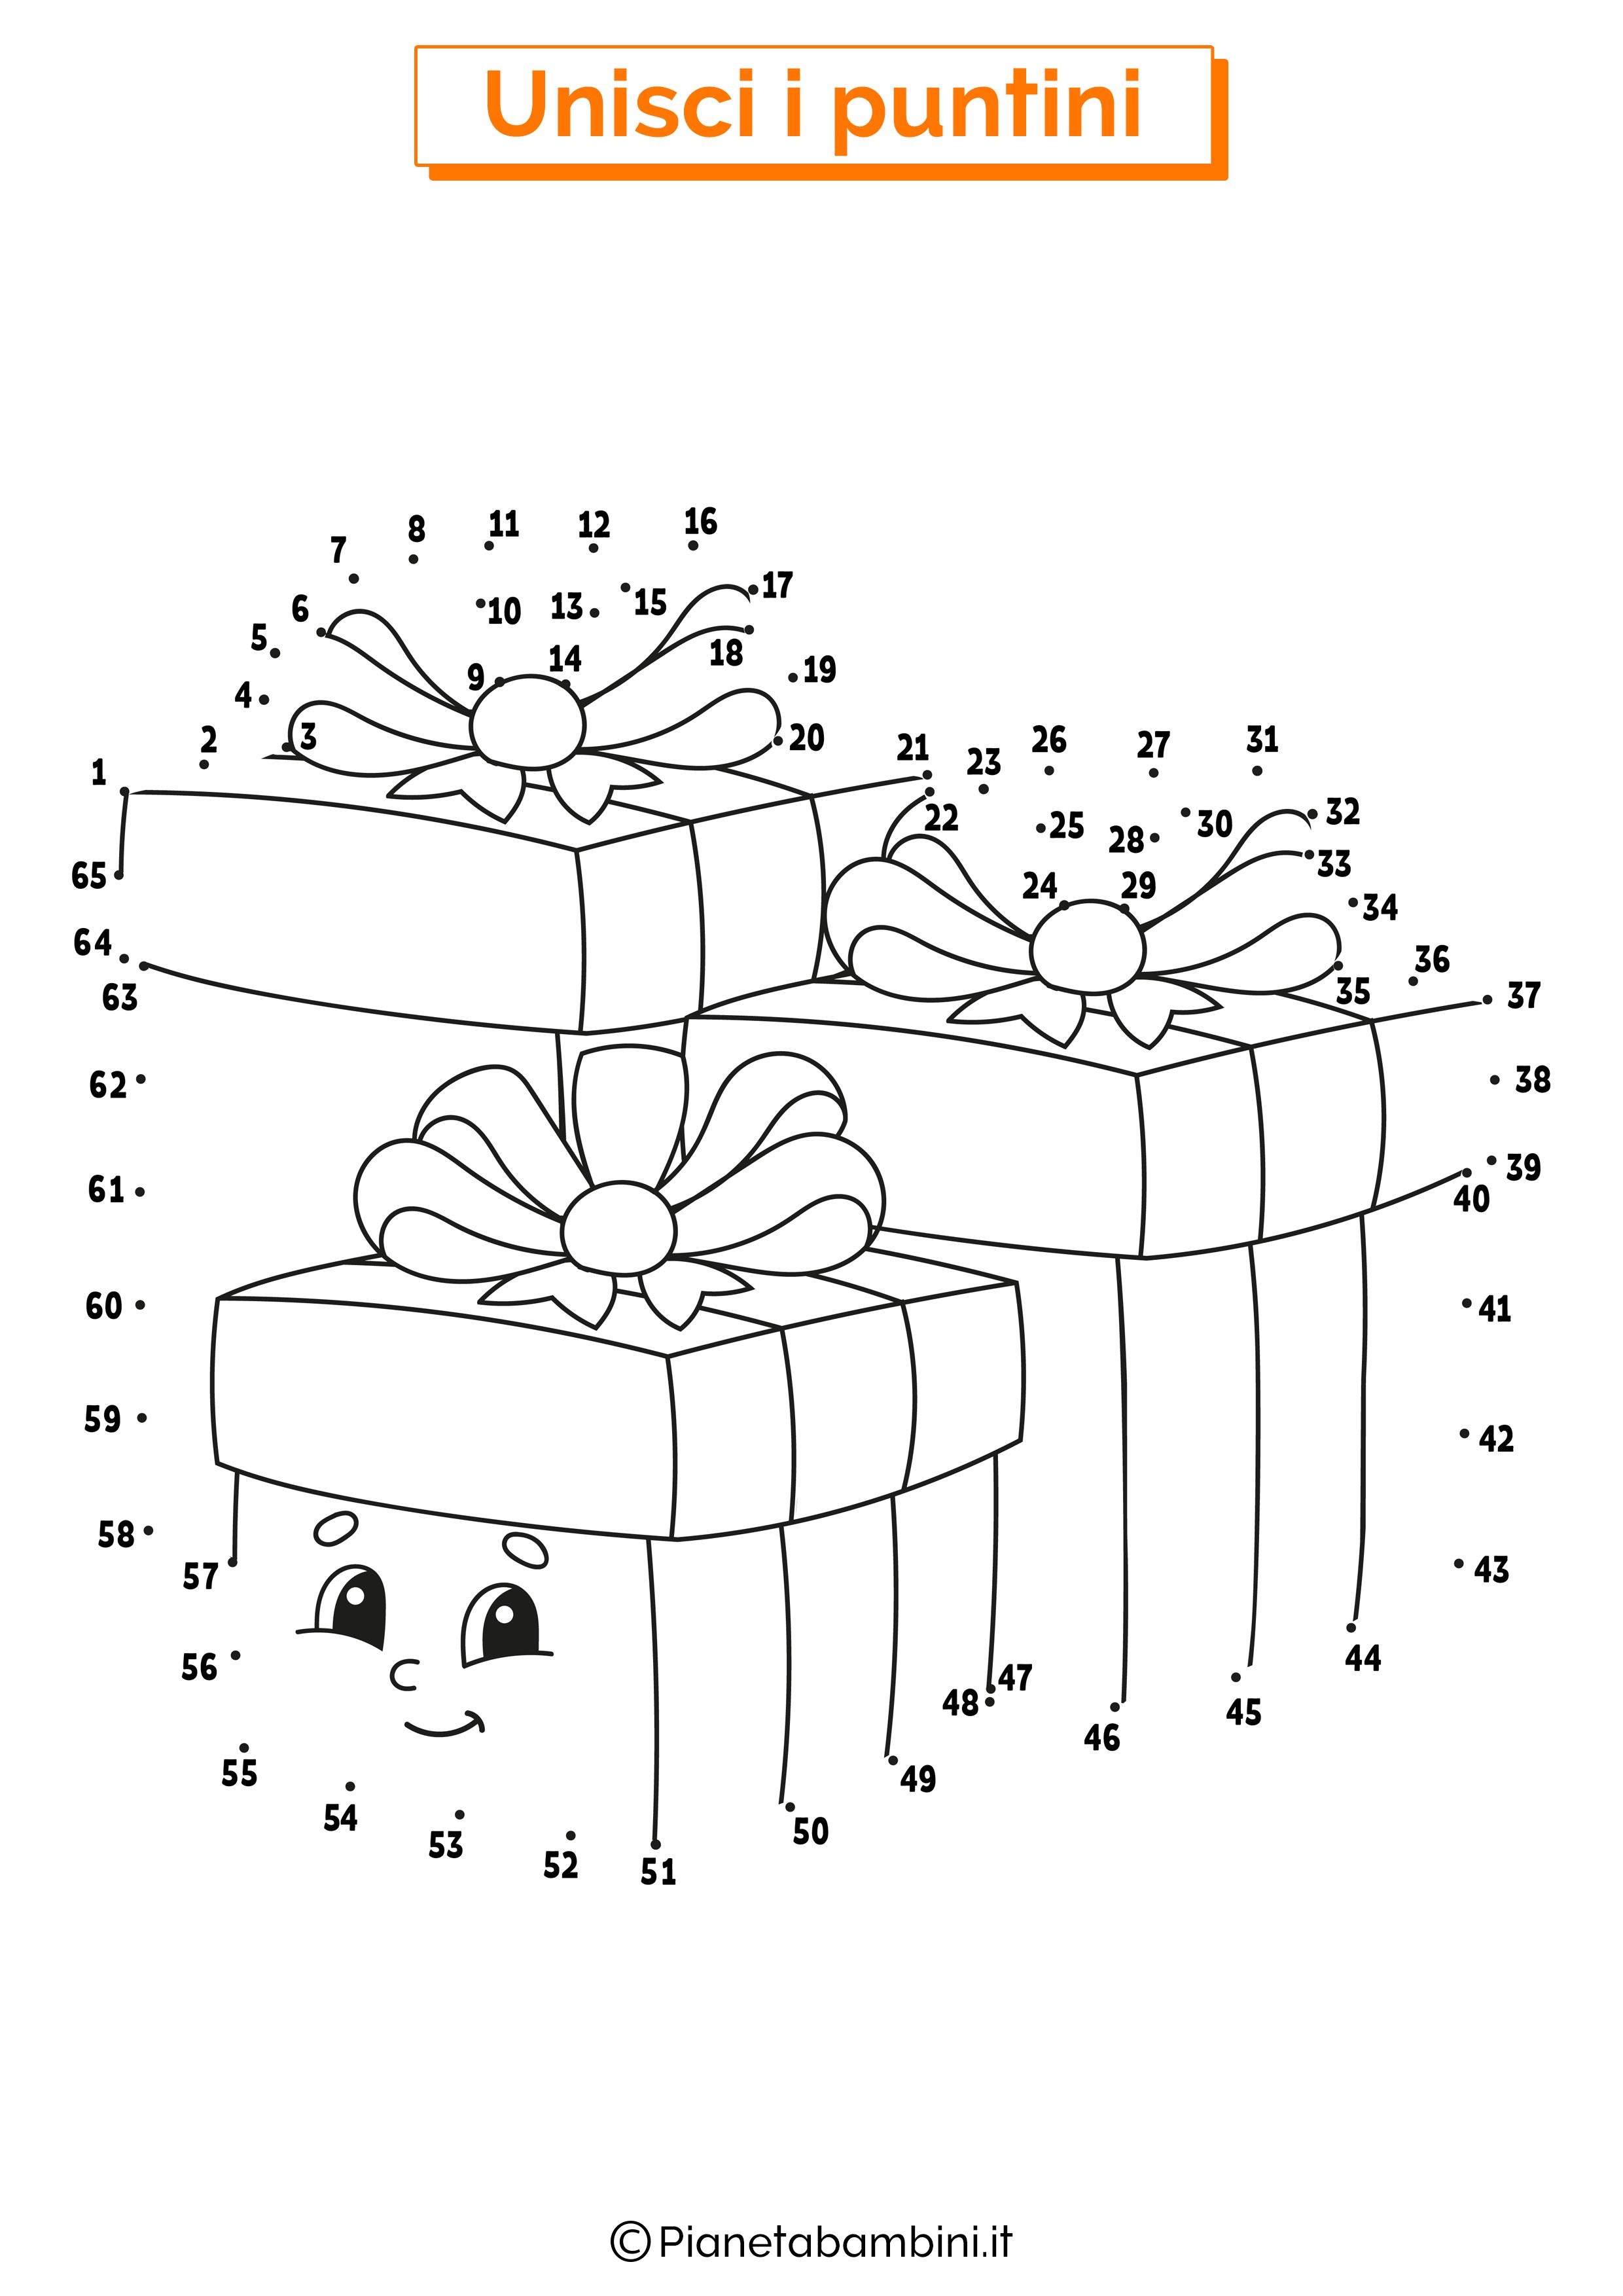 Unisci i puntini pacchi regali 1-65